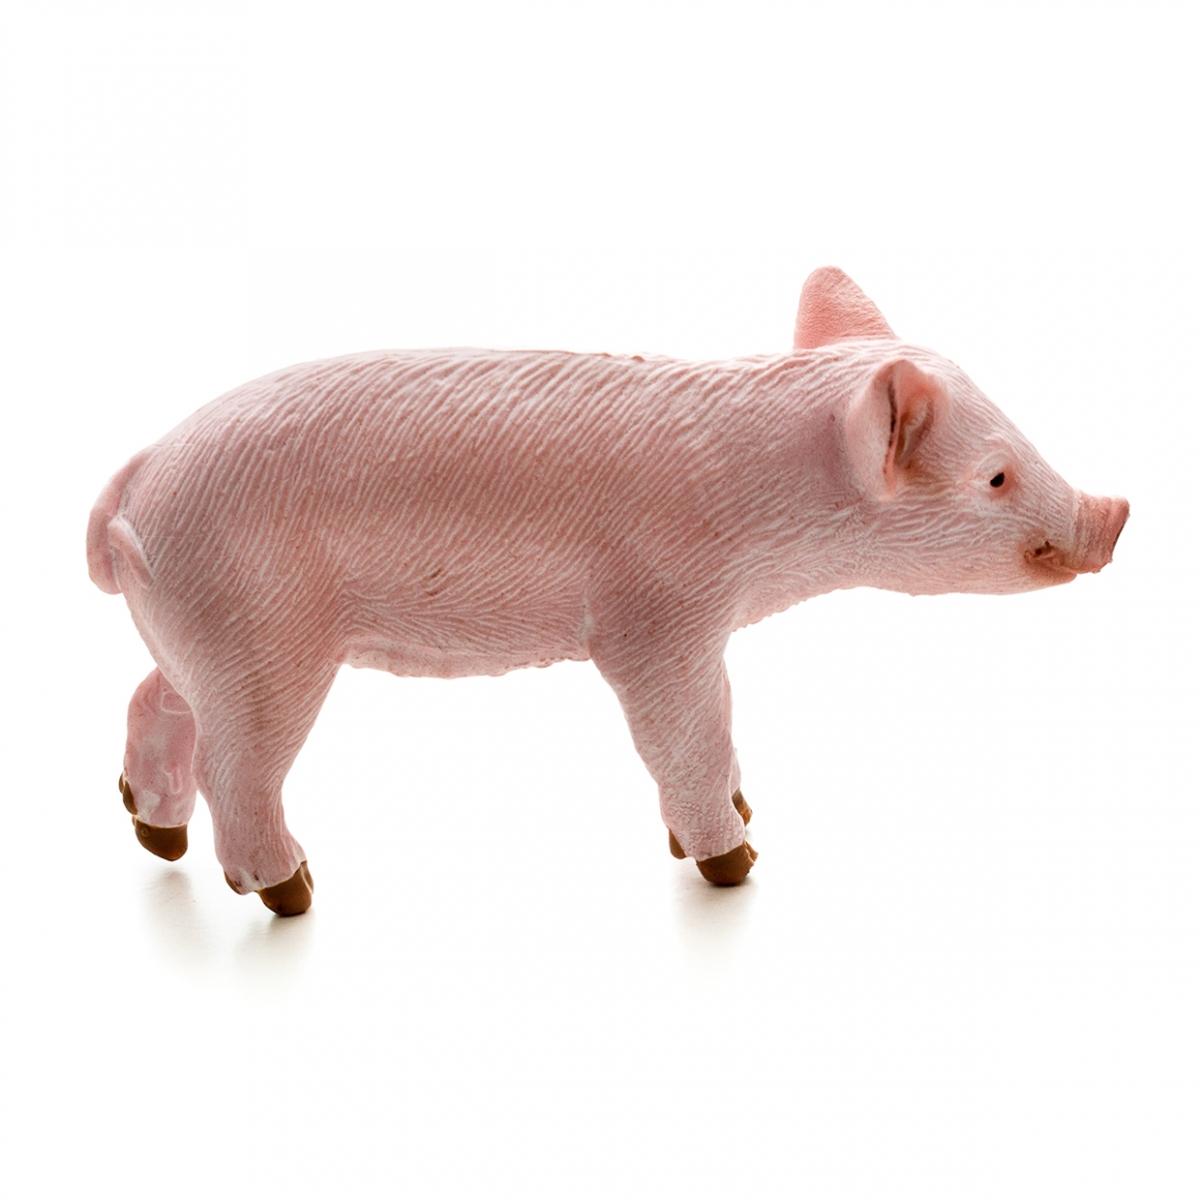 Imagen en la que se un cerdo en perspectiva lateral